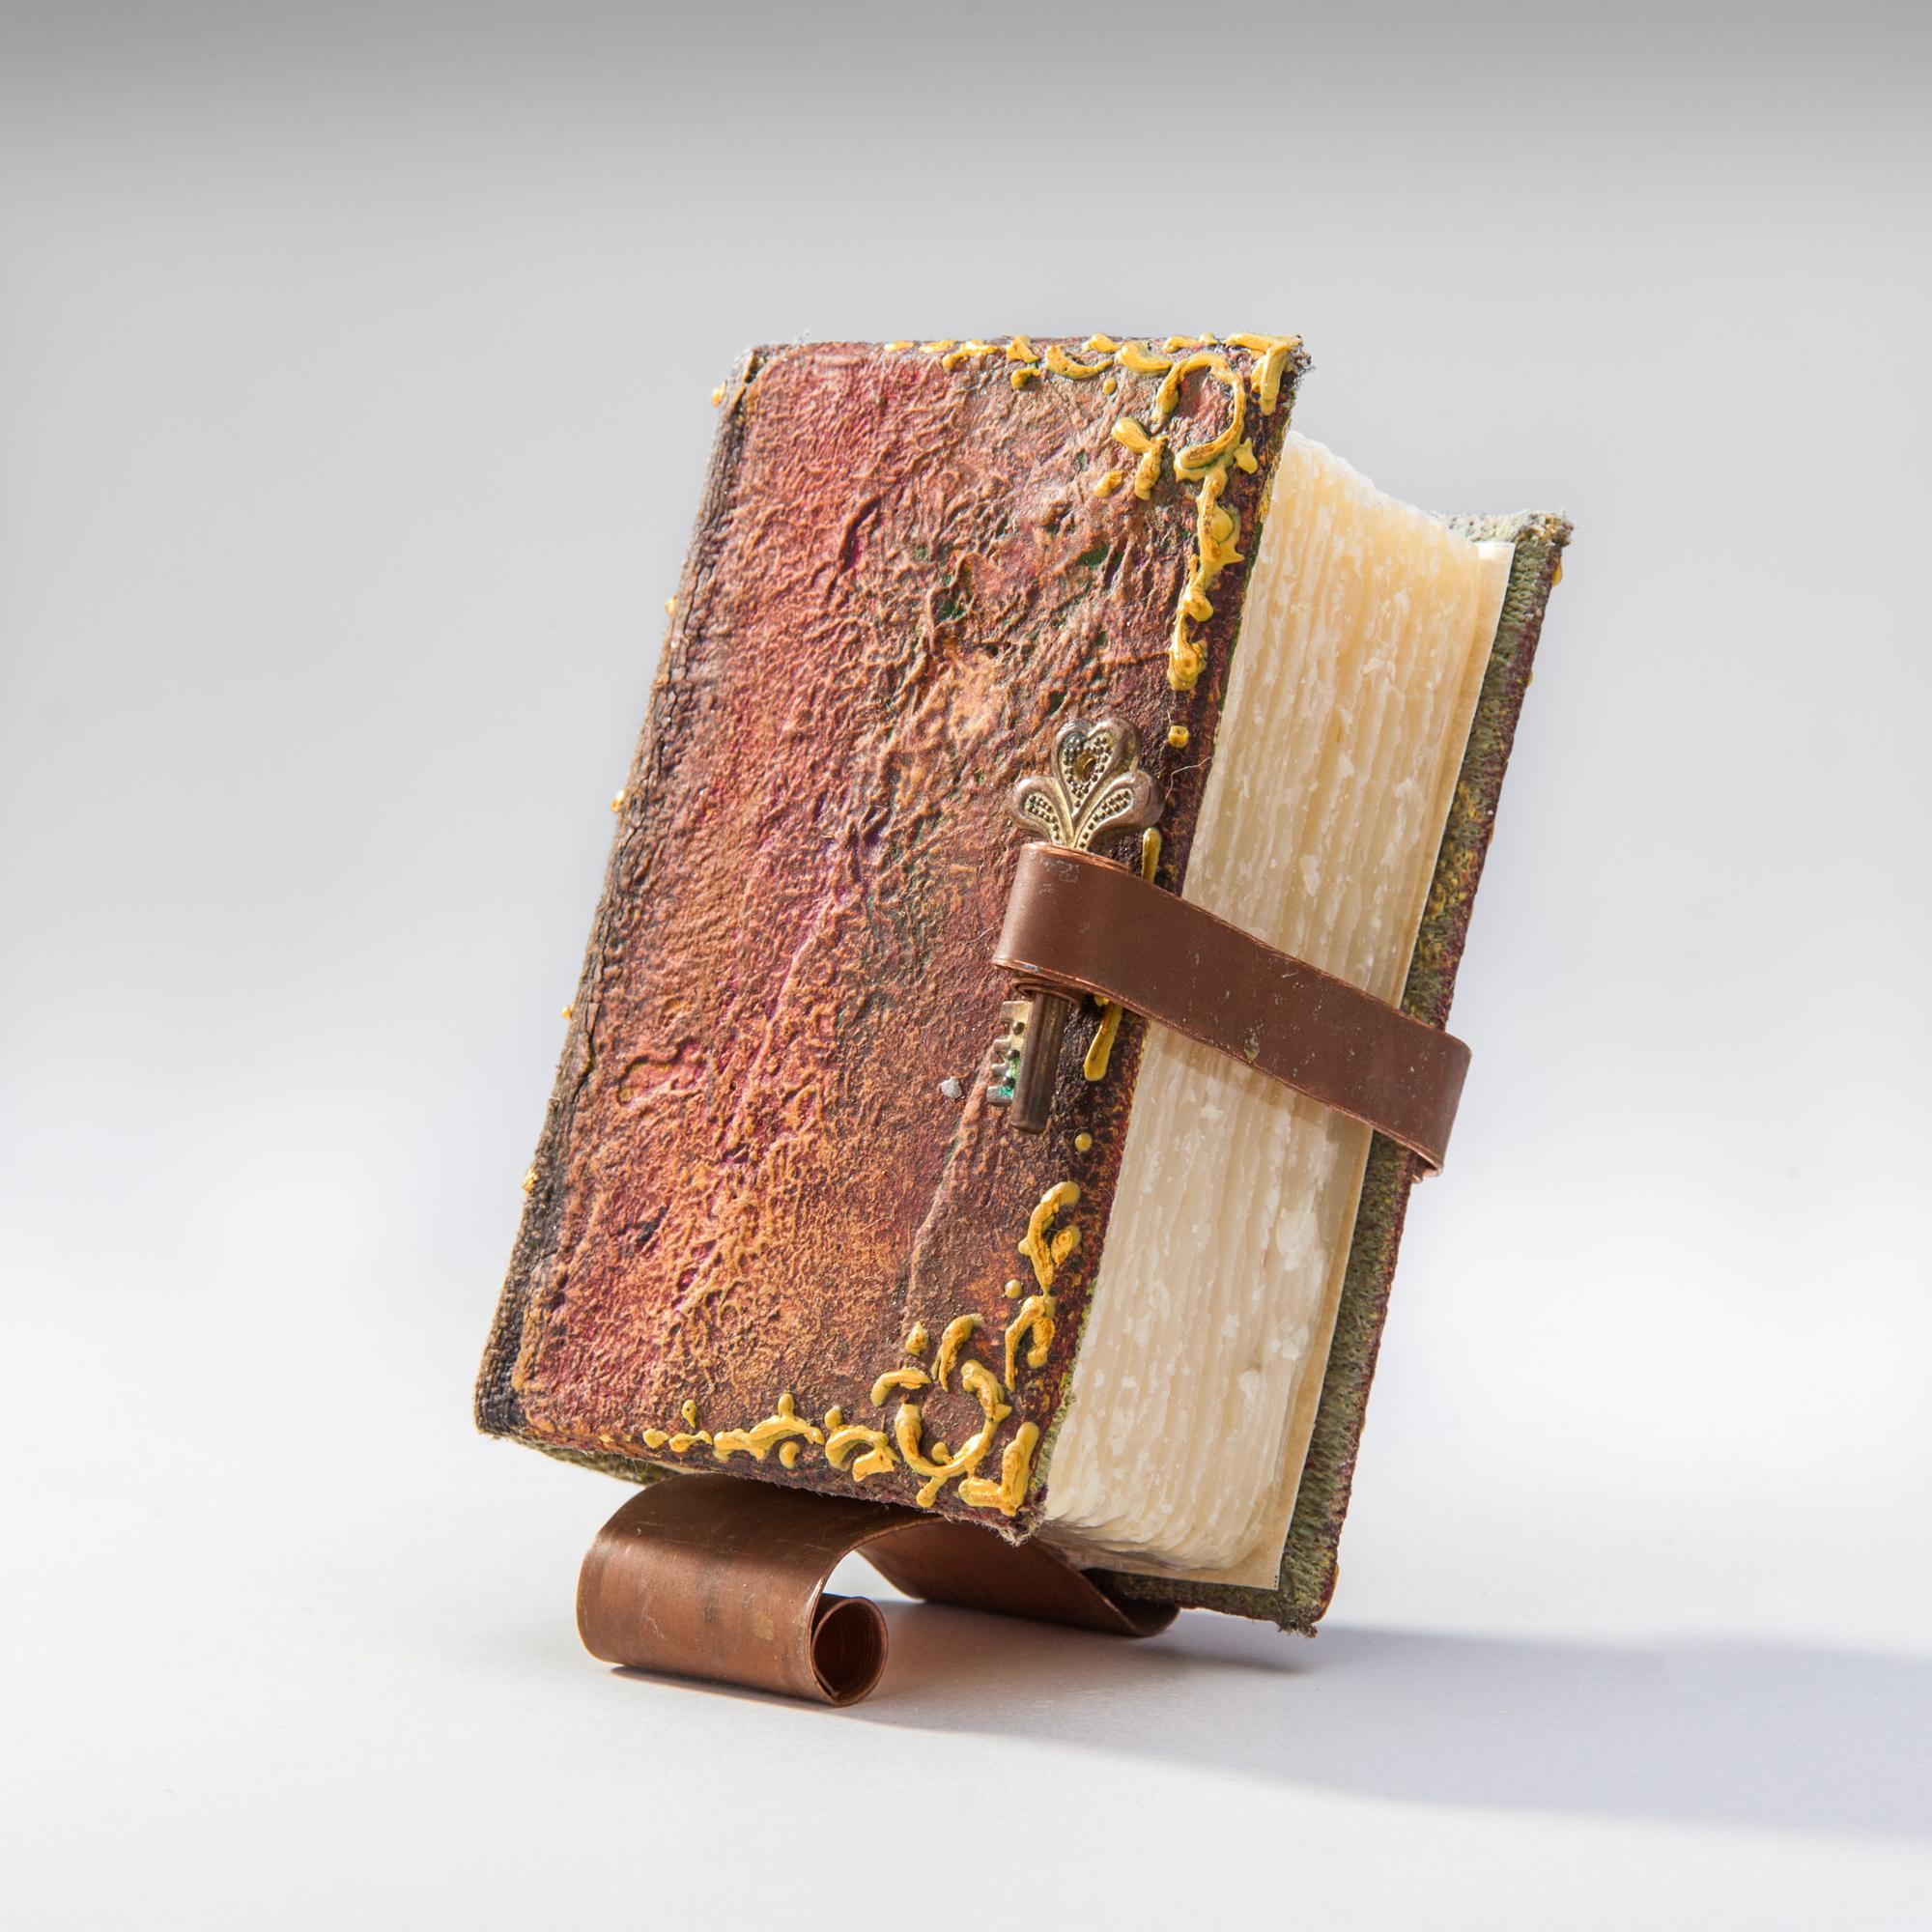 Сапун книга, ароматен подарък уникат.